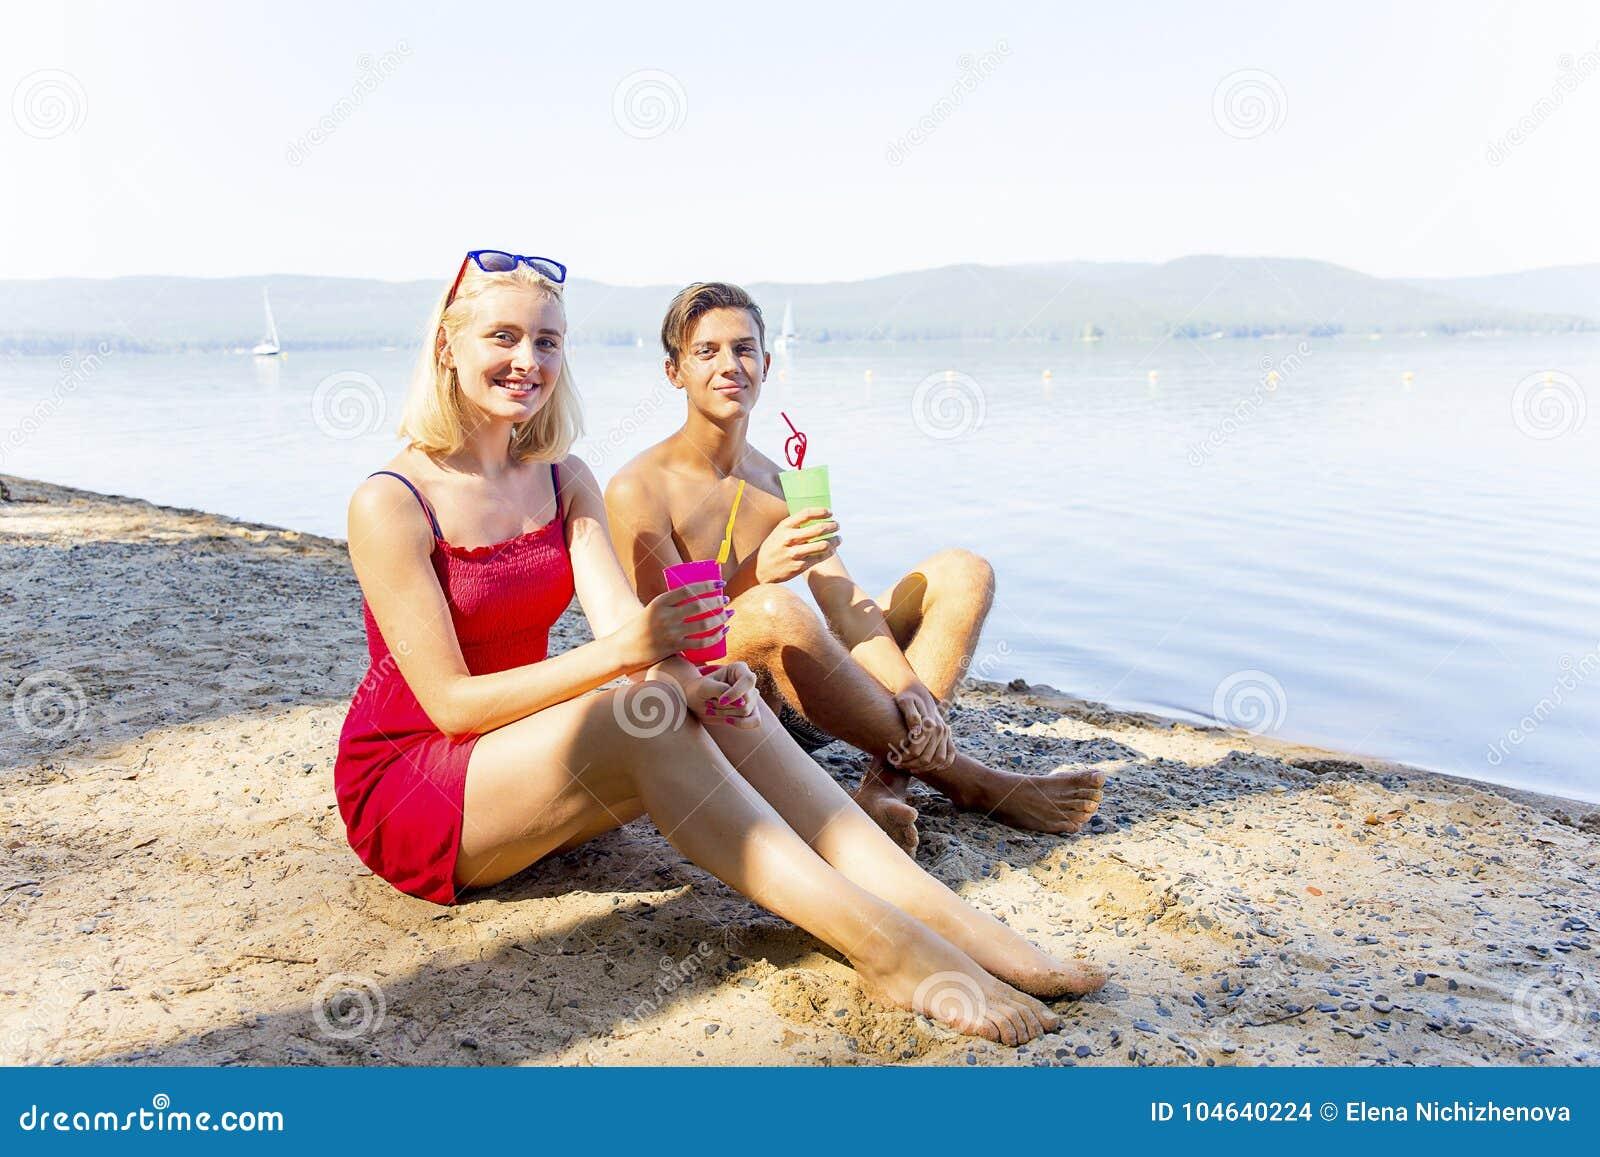 Download Paar op een strand stock foto. Afbeelding bestaande uit mannetje - 104640224